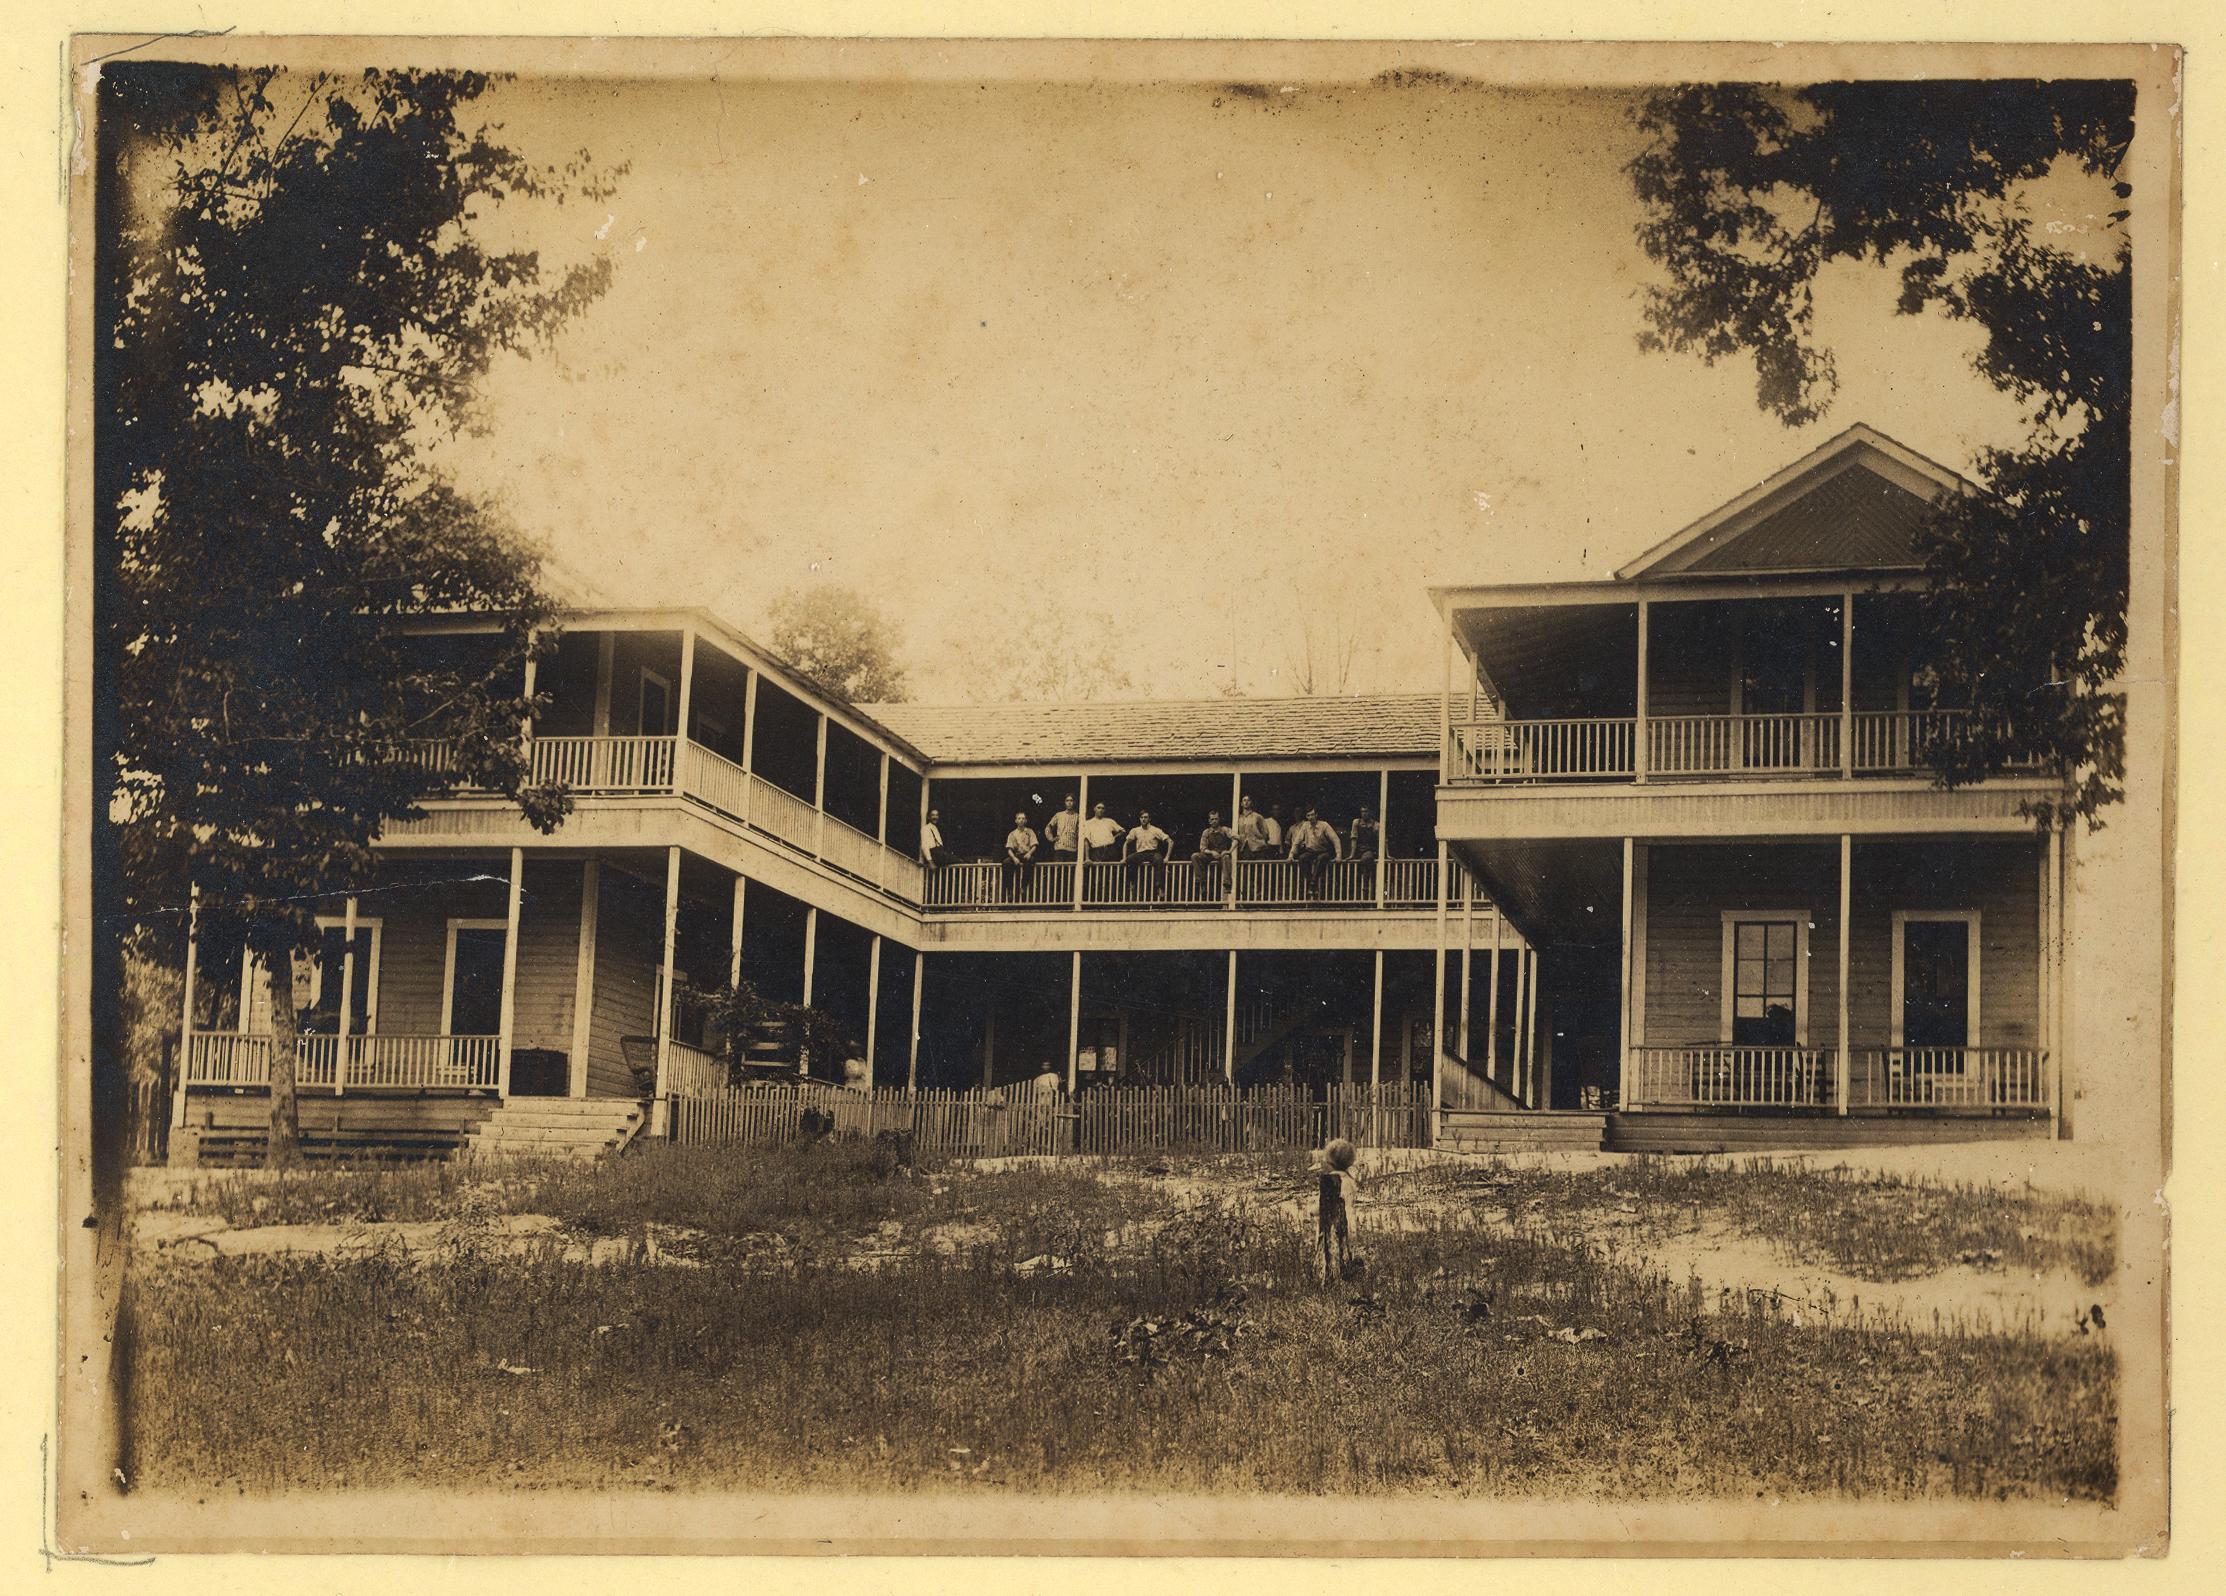 Ansley Hotel (1903)